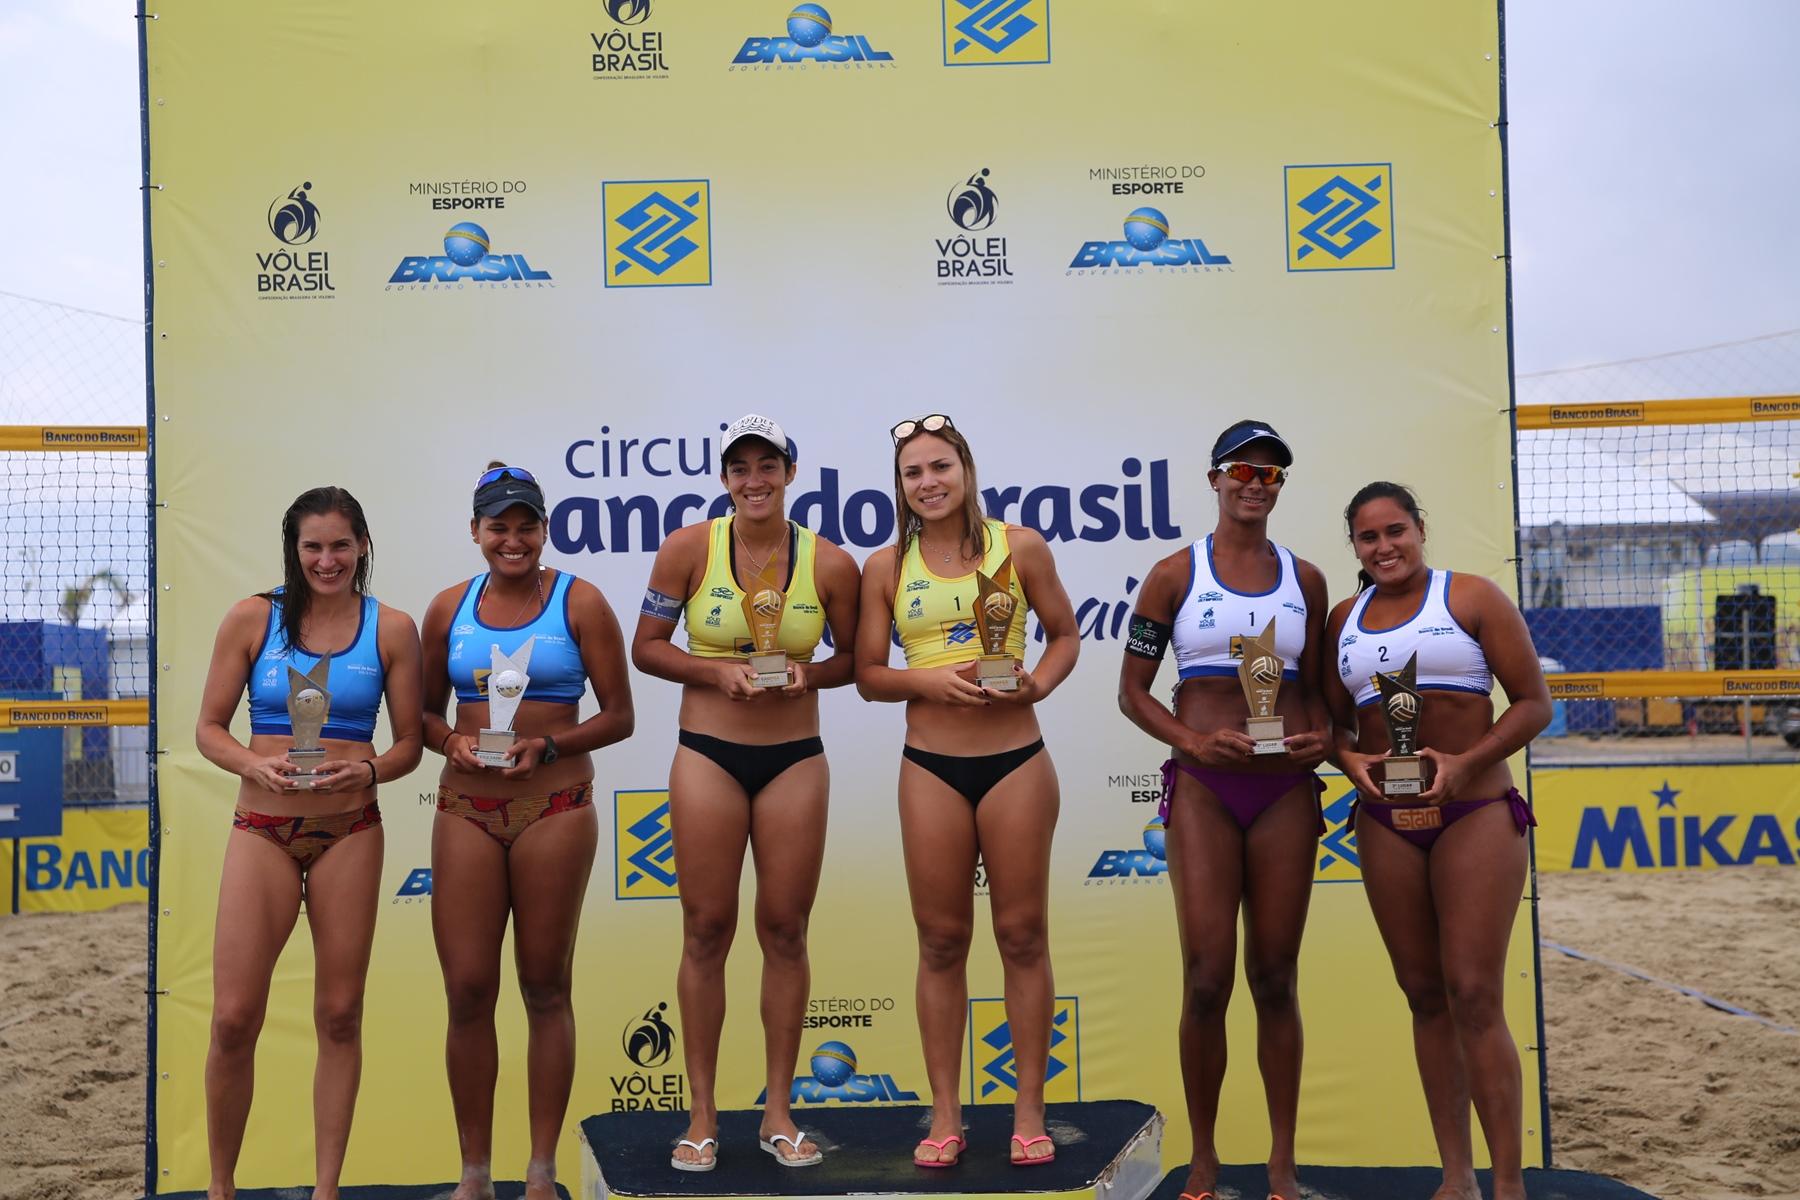 Circuito Banco Do Brasil : Circuito banco do brasil nacional de vôlei de praia archives